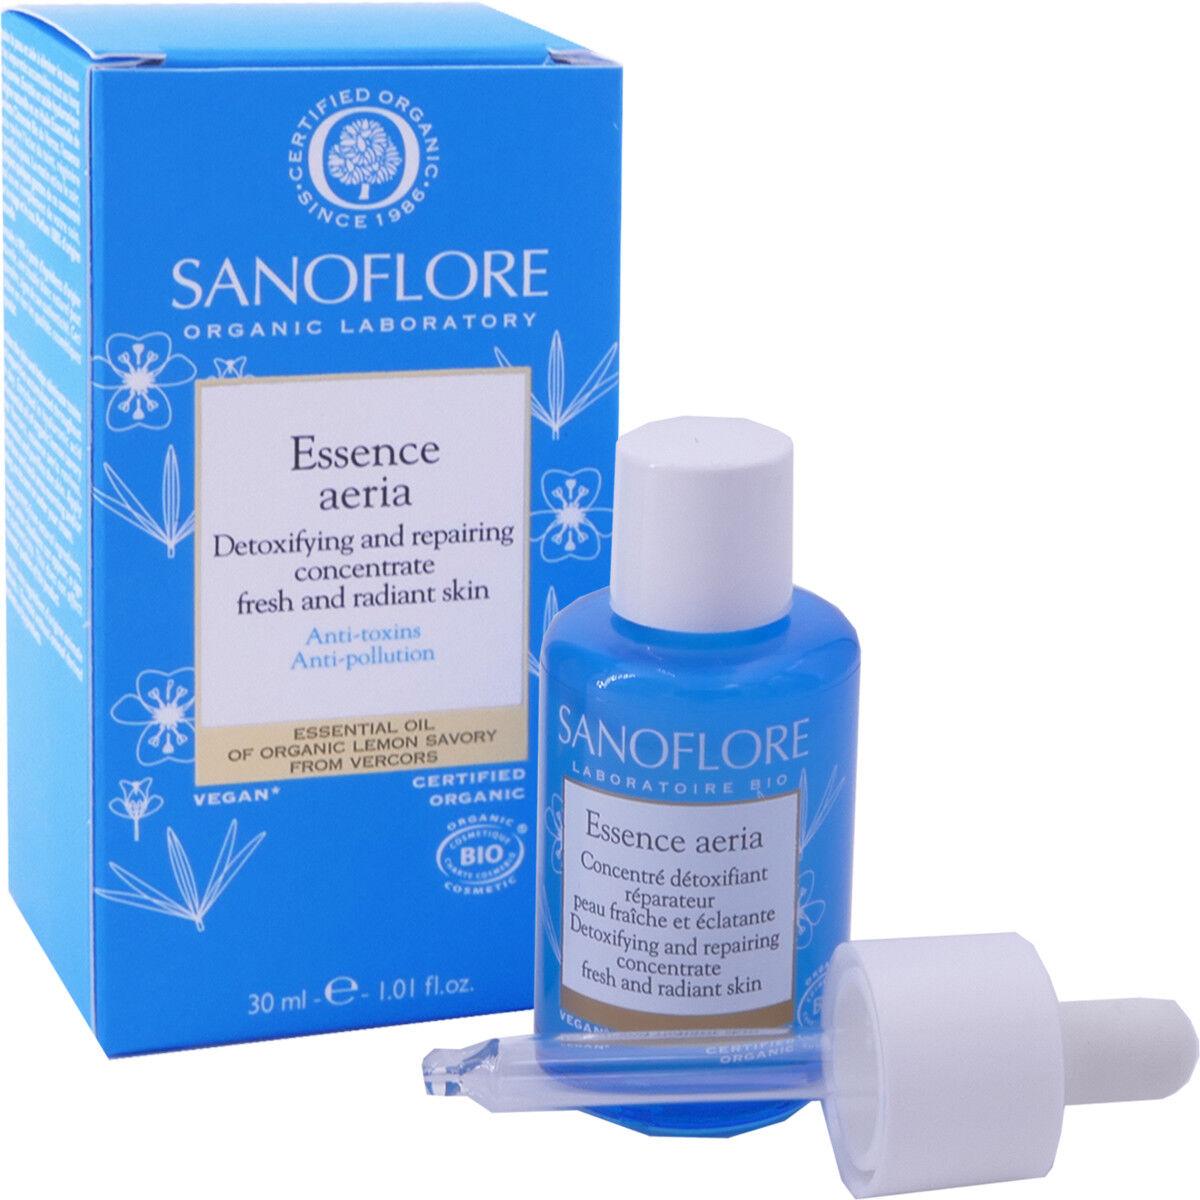 Sanoflore essence aeria concentre detoxifiante 30 ml